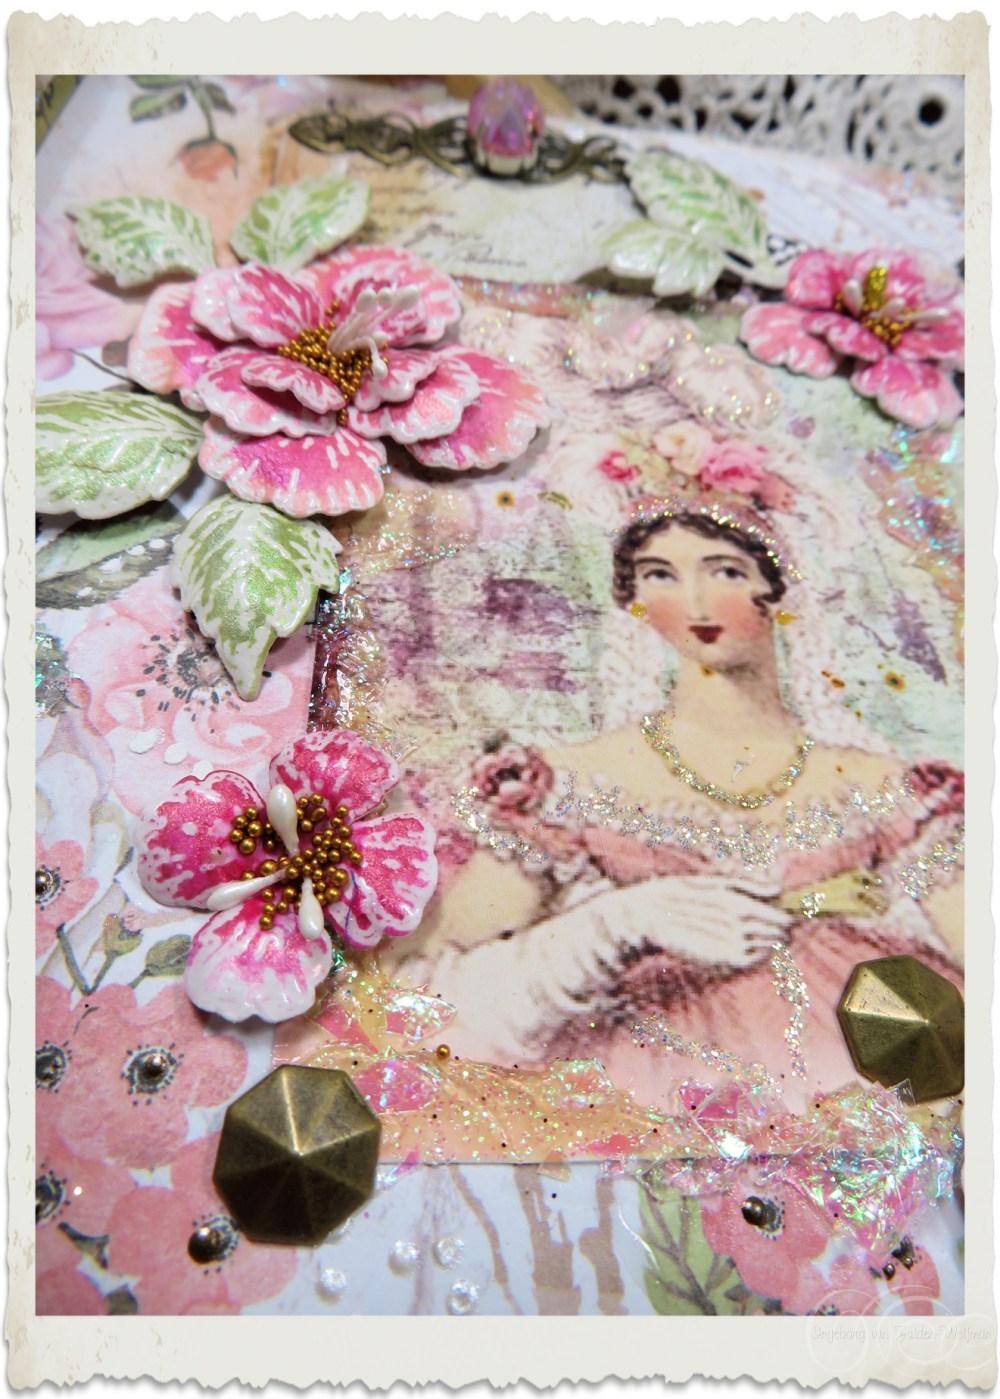 Details of embellishments on Regency card